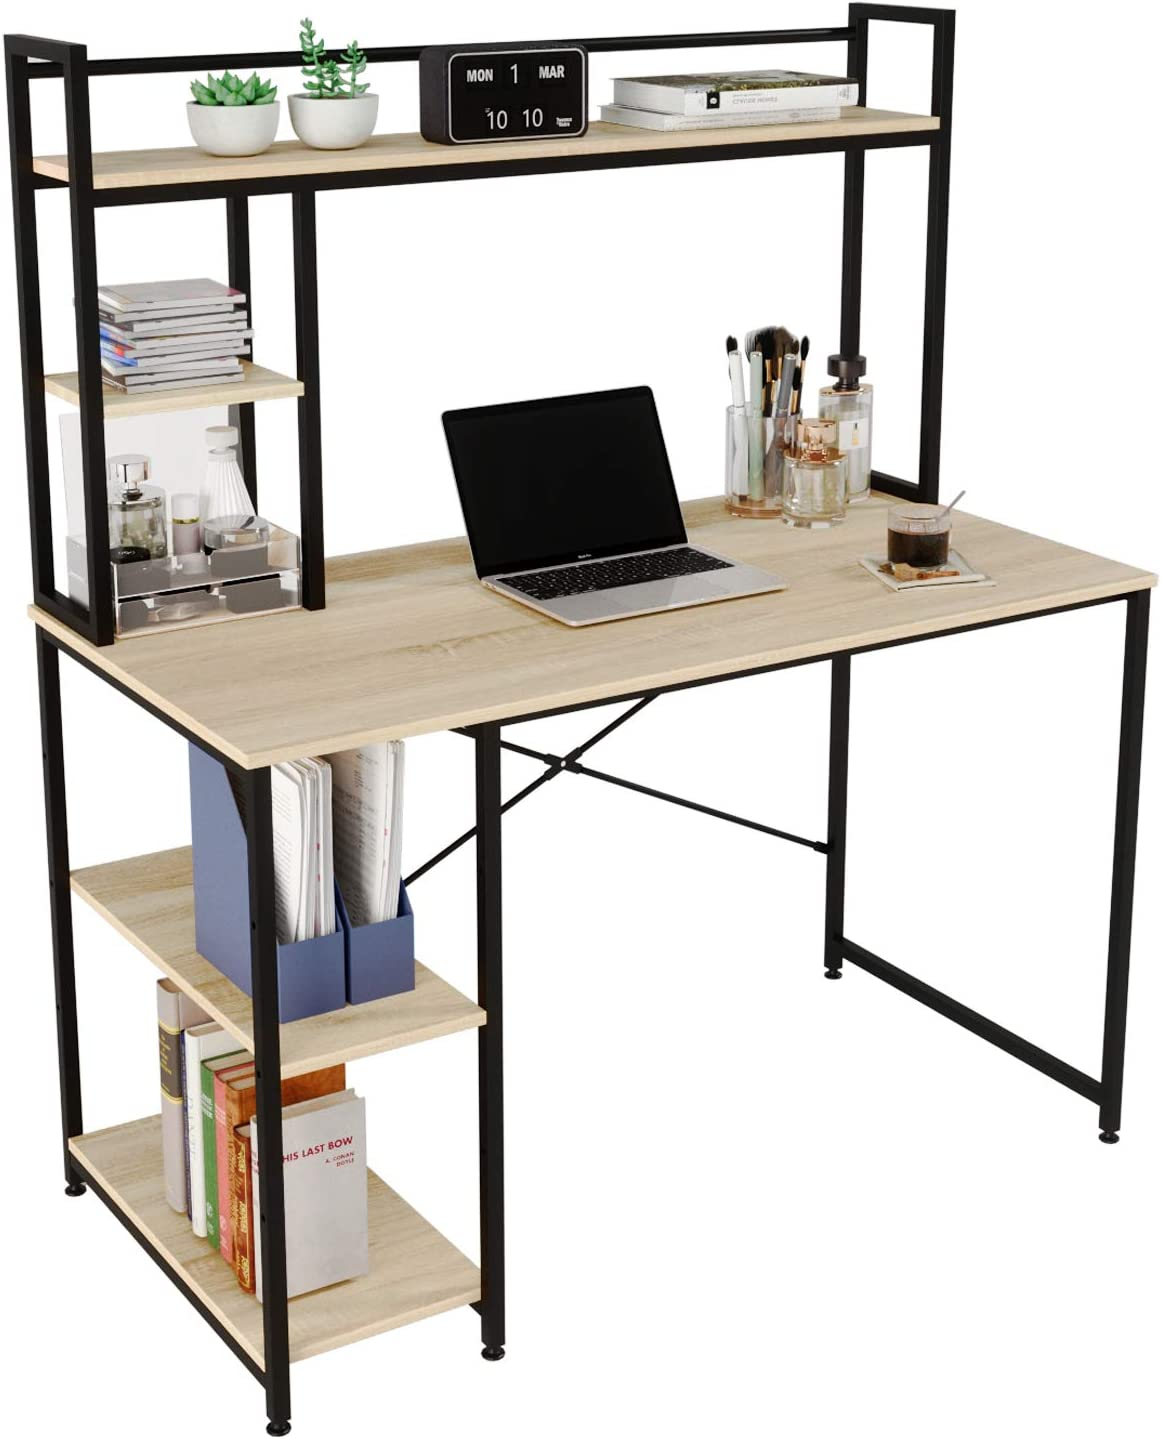 Bestier Computer Desk with Hutch & Bookshelf (Light Oak, 47